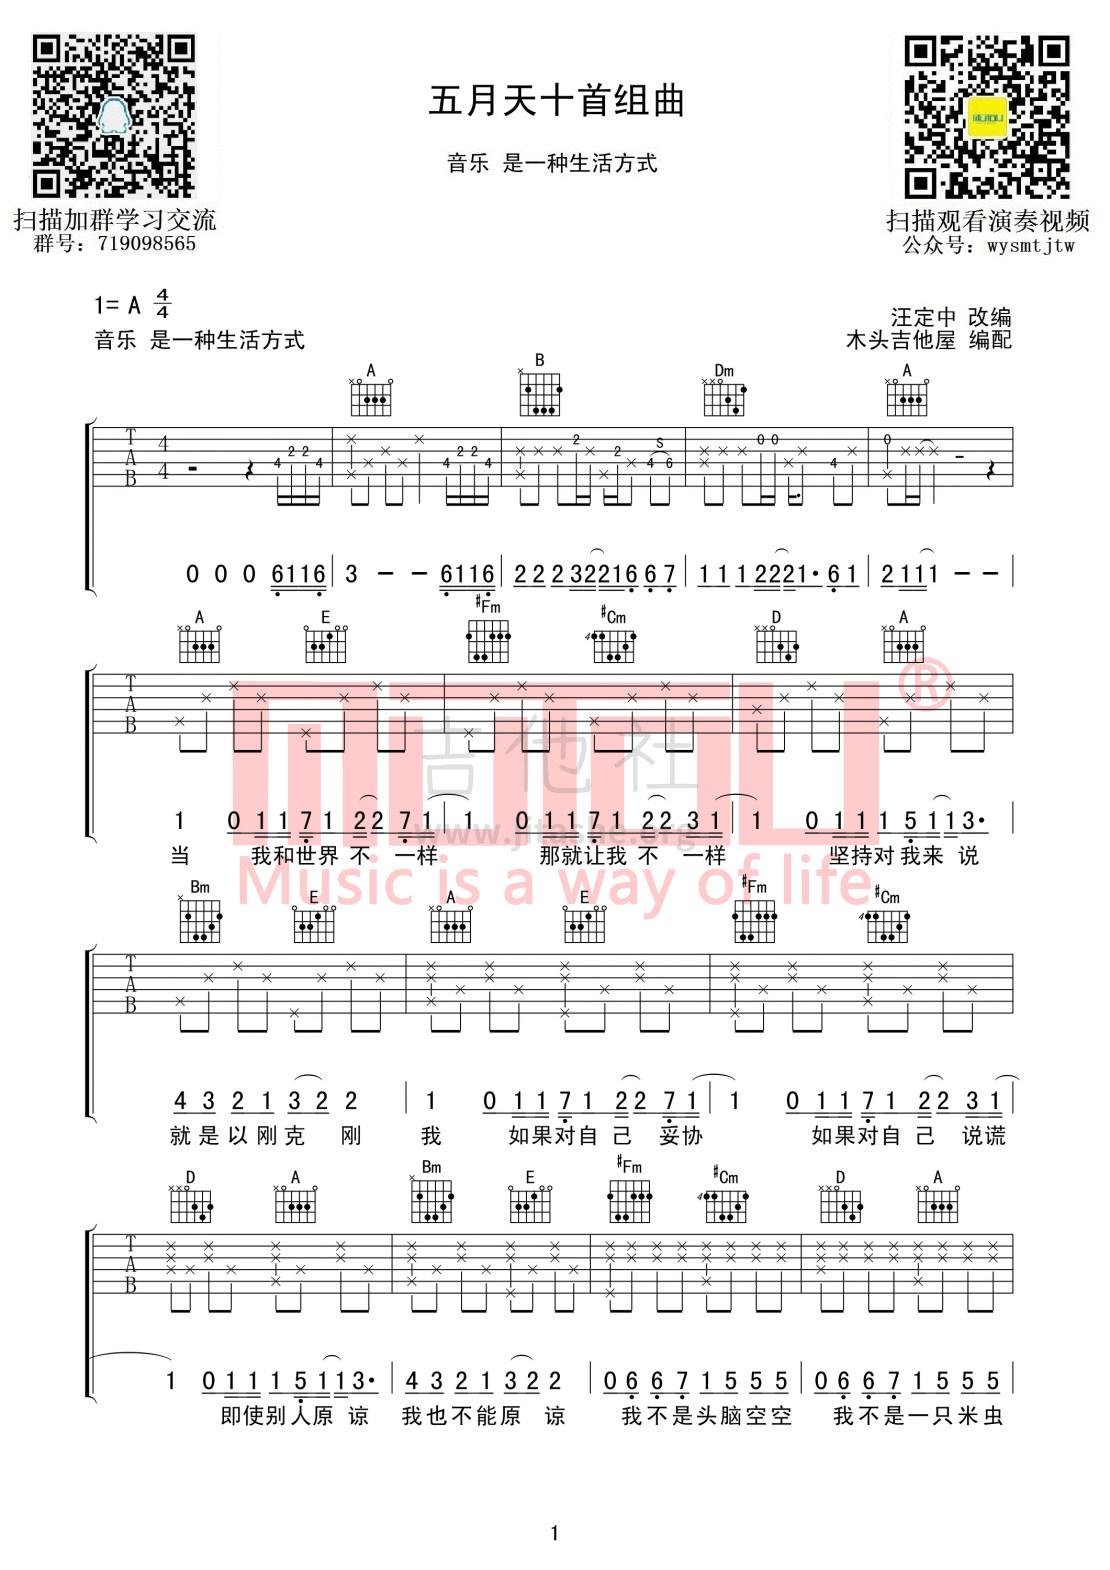 五月天十首组曲(原调 汪定中 串烧 高度还原)吉他谱(图片谱,木头吉他屋,汪定中,串烧)_五月天(Mayday)_五月天十首组曲01.jpg